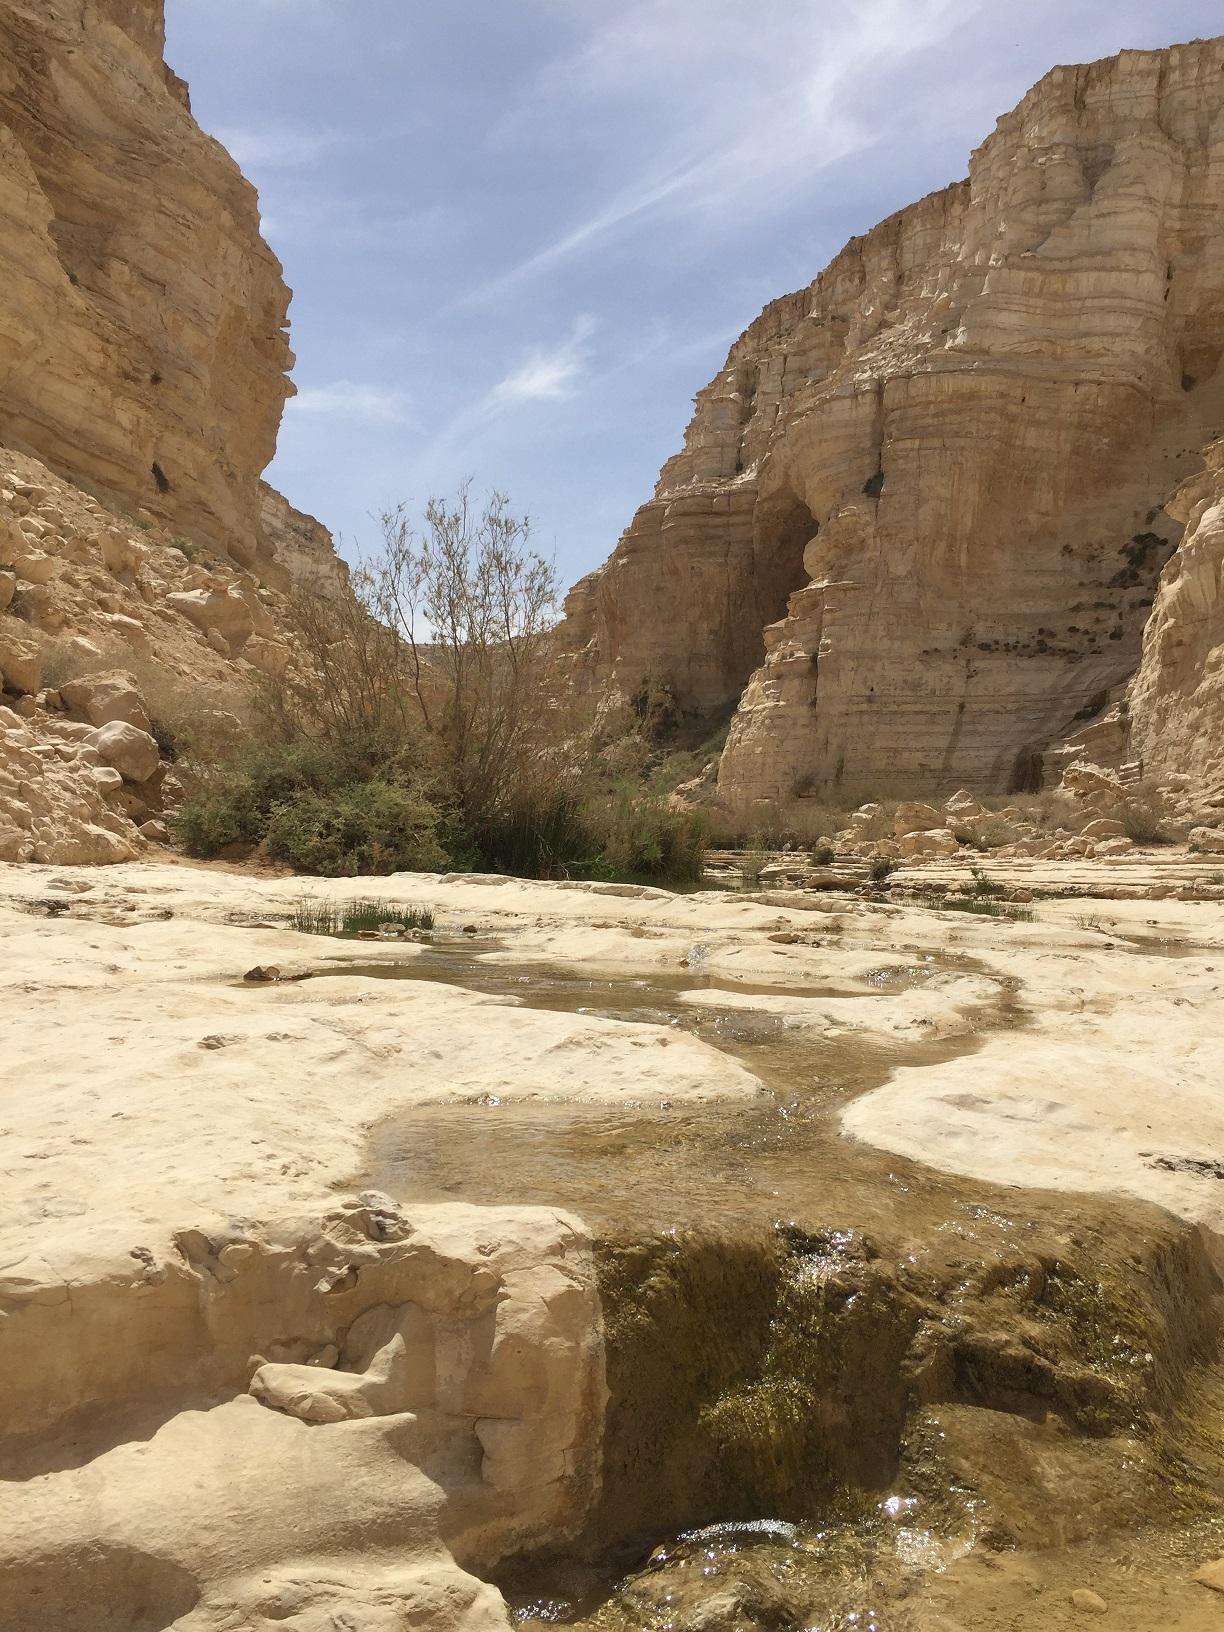 上图:在以色列南地汛的旷野(Zin Valley),方圆几十公里只有这一条小溪(Ein Avdat)。生活在环境宜人、水源丰富的地区,我们很难理解溪水的宝贵和令人渴慕,只有经历过干旱与炎热,才能理解诗人所说的:「神啊,我的心切慕祢,如鹿切慕溪水」(诗四十二1)!